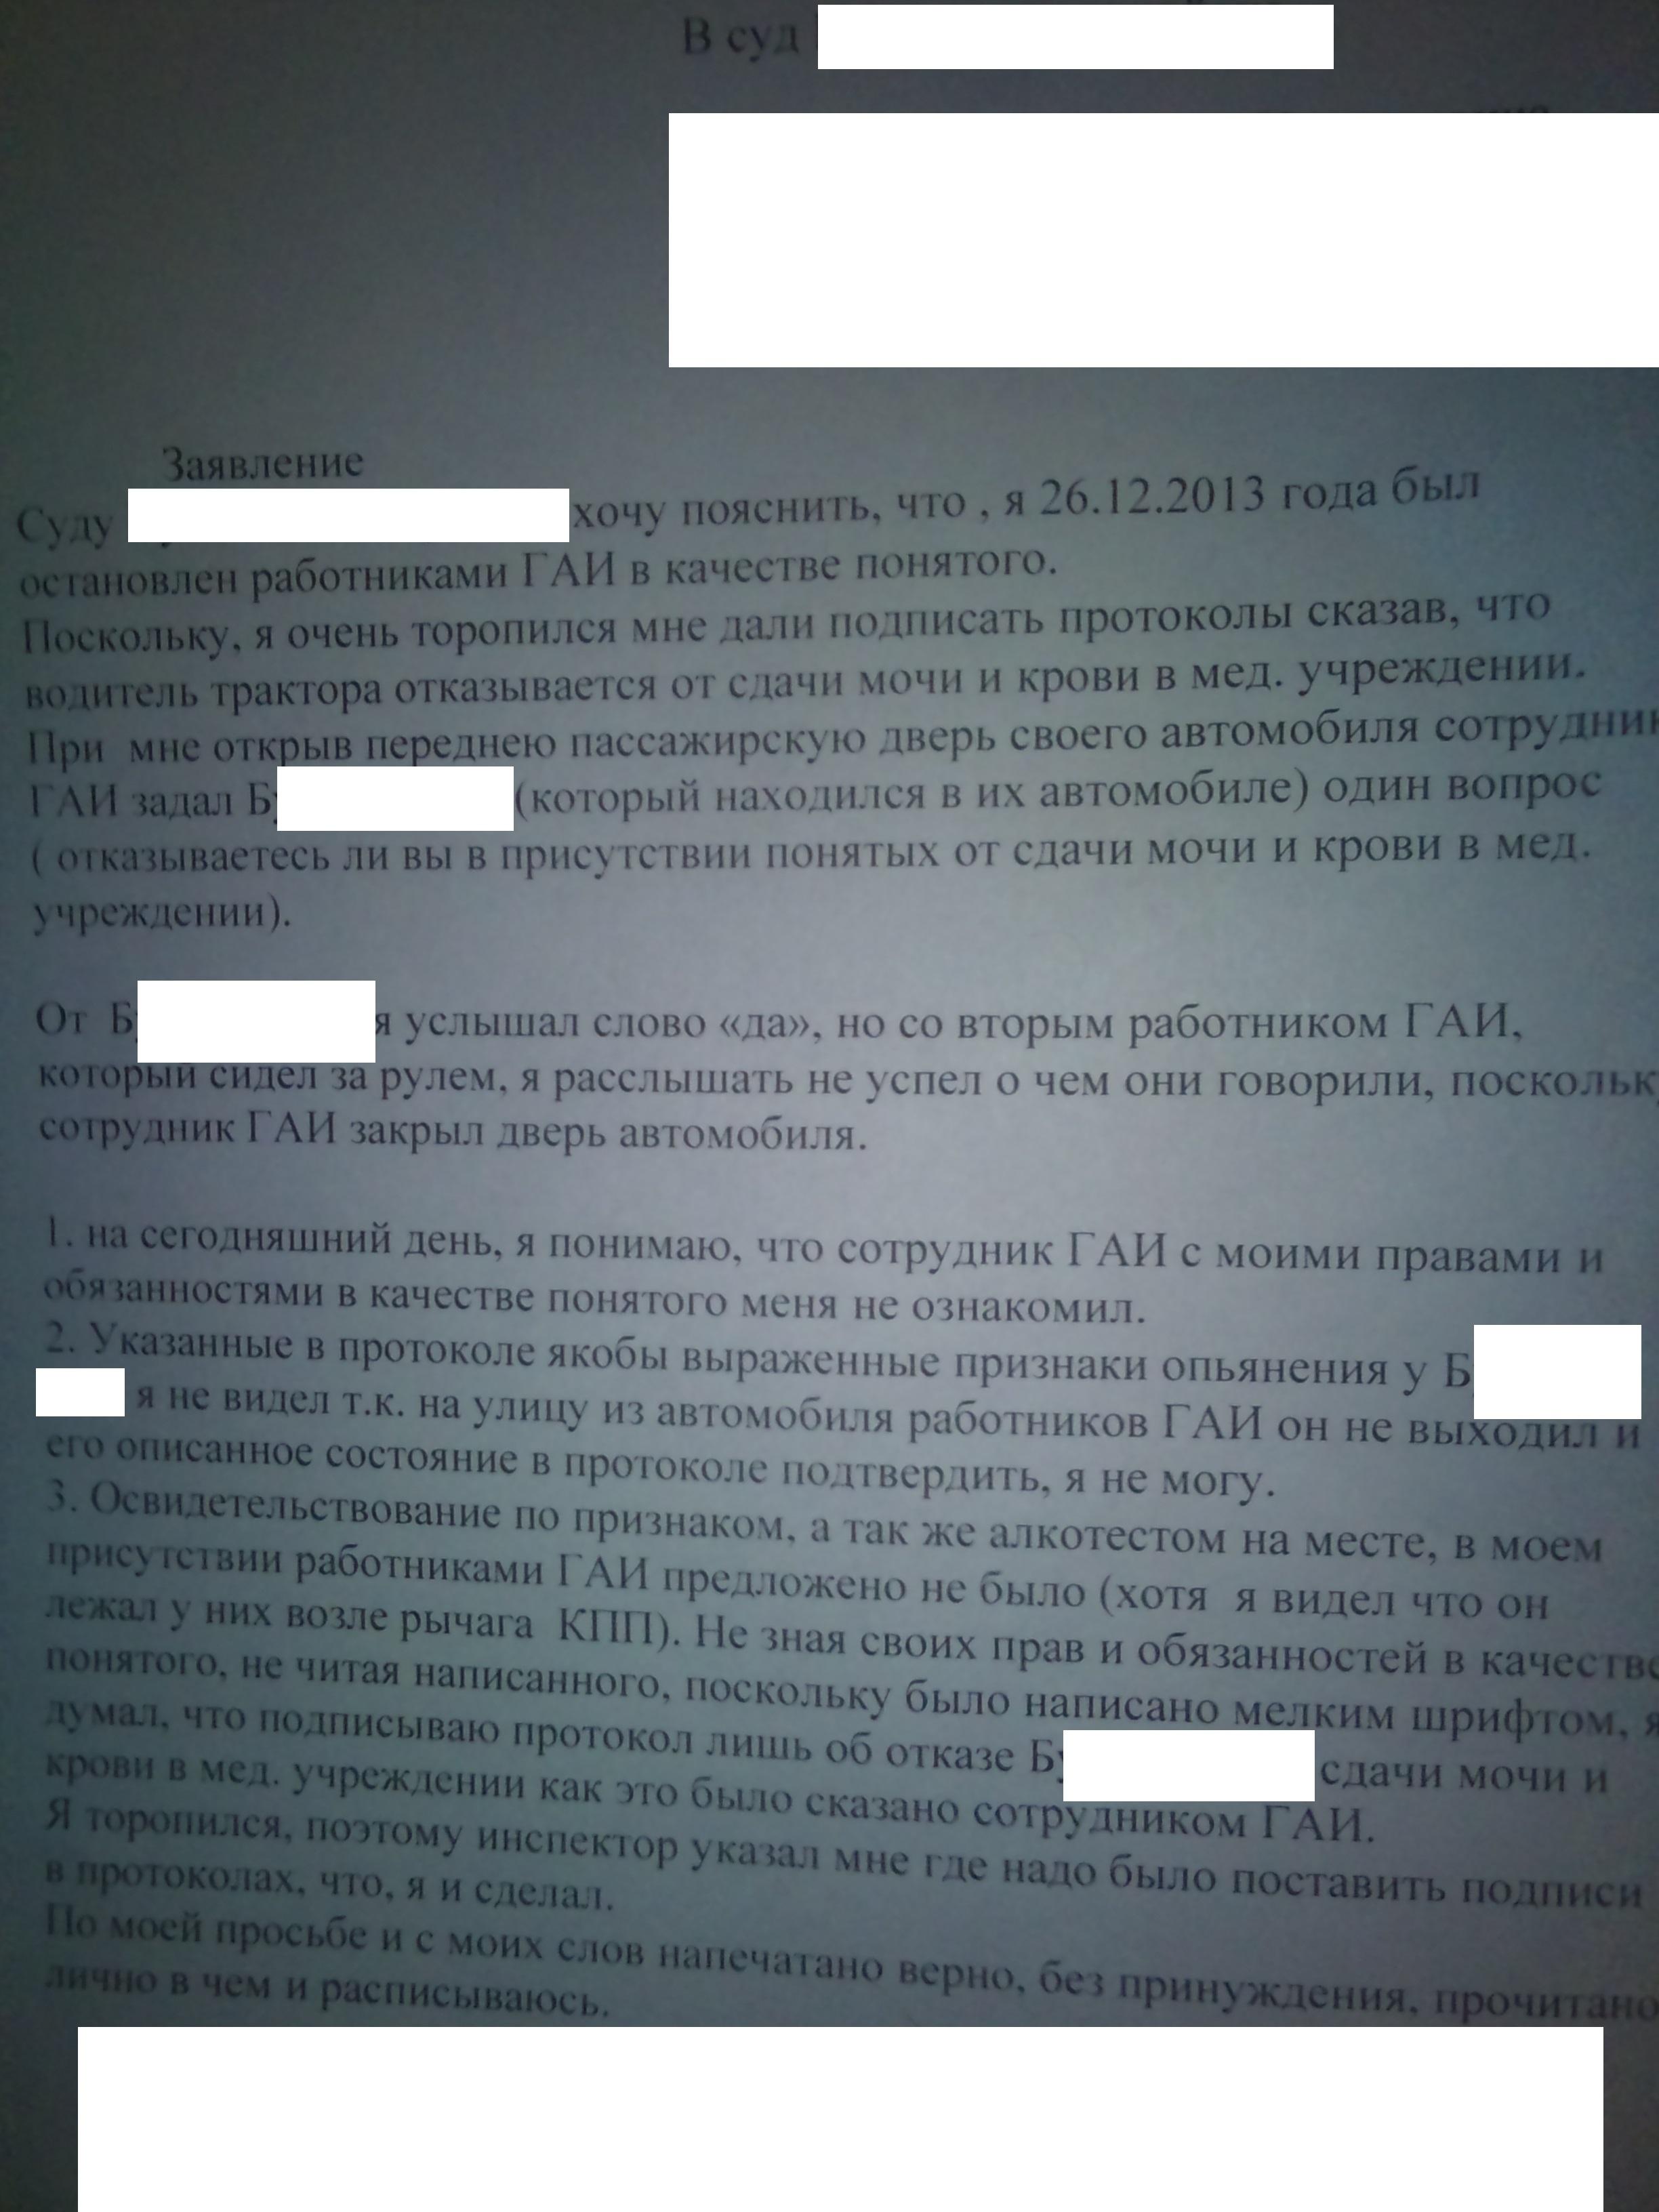 заявления по статье 18.16 КоАП